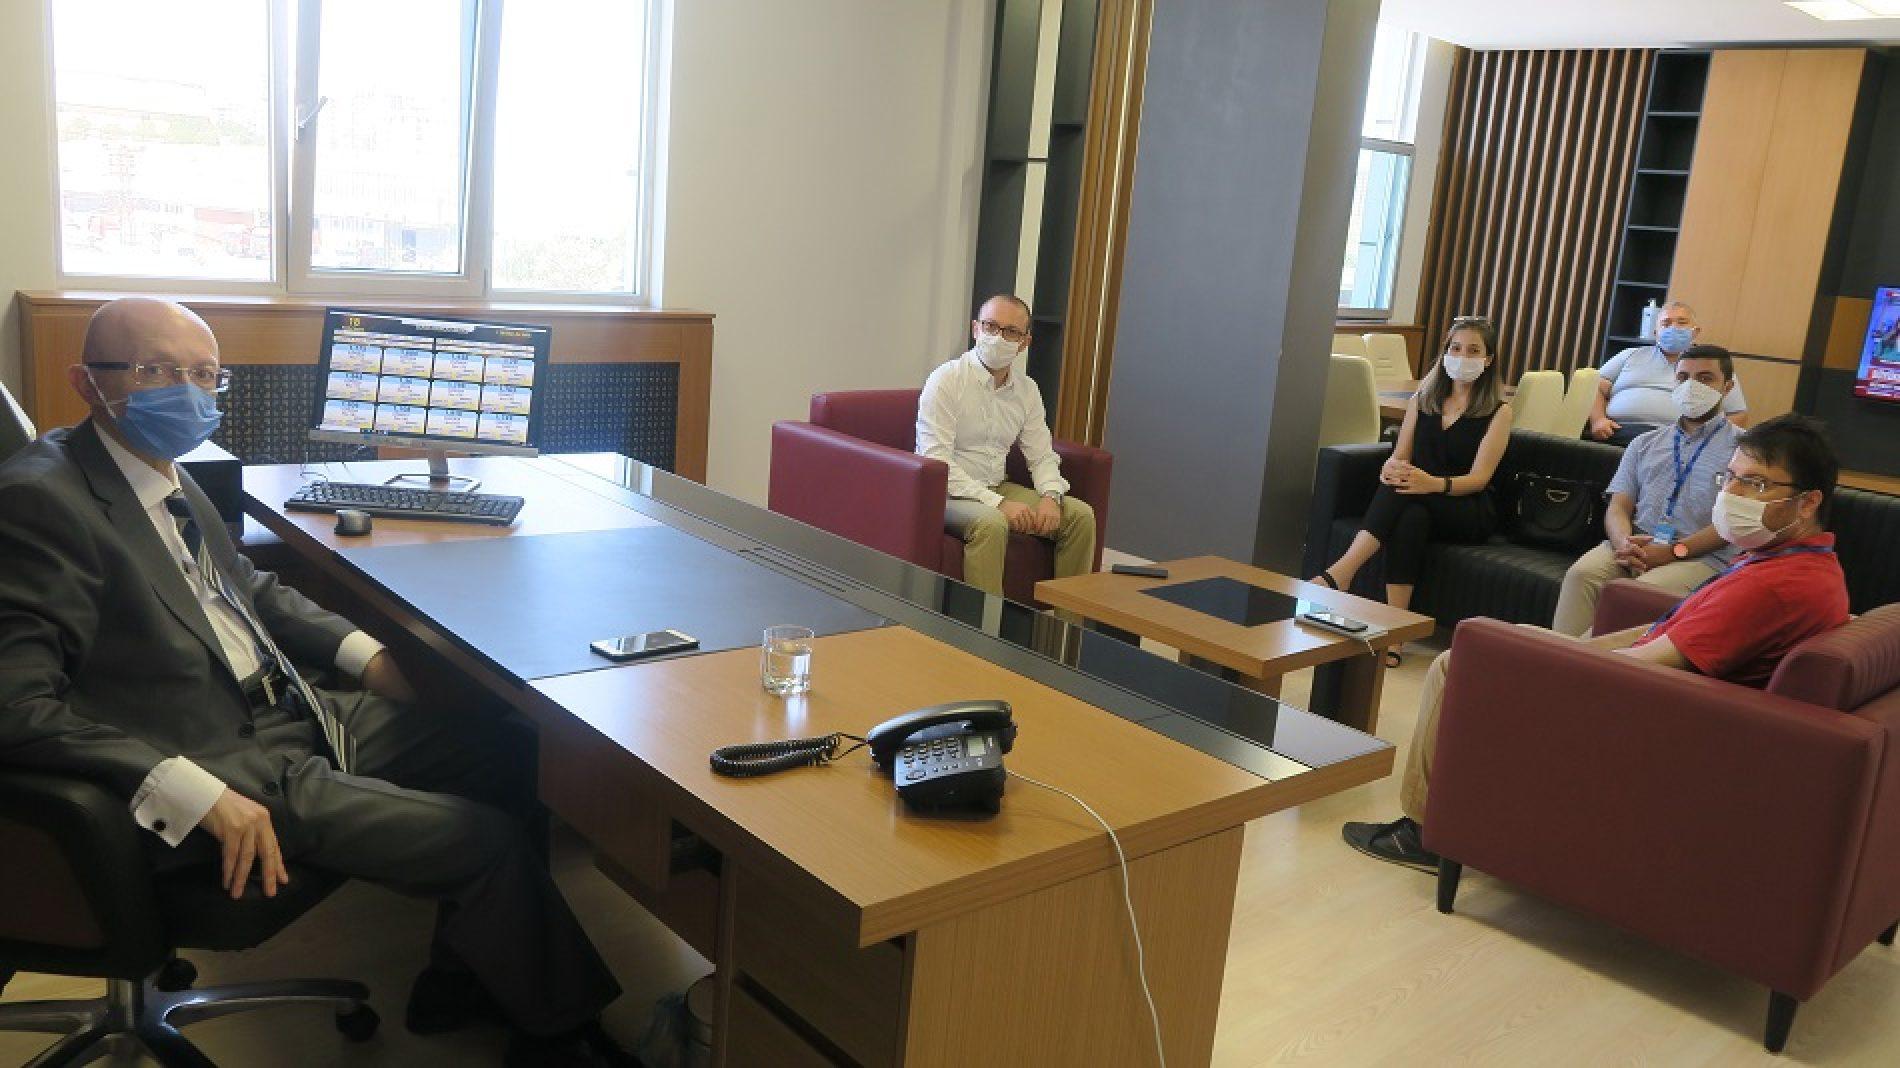 TOBB Türkiye Odalar ve Borsalar Birliği Yazılım Müdürlüğü Yetkilileri Borsamızı Ziyaret etti…